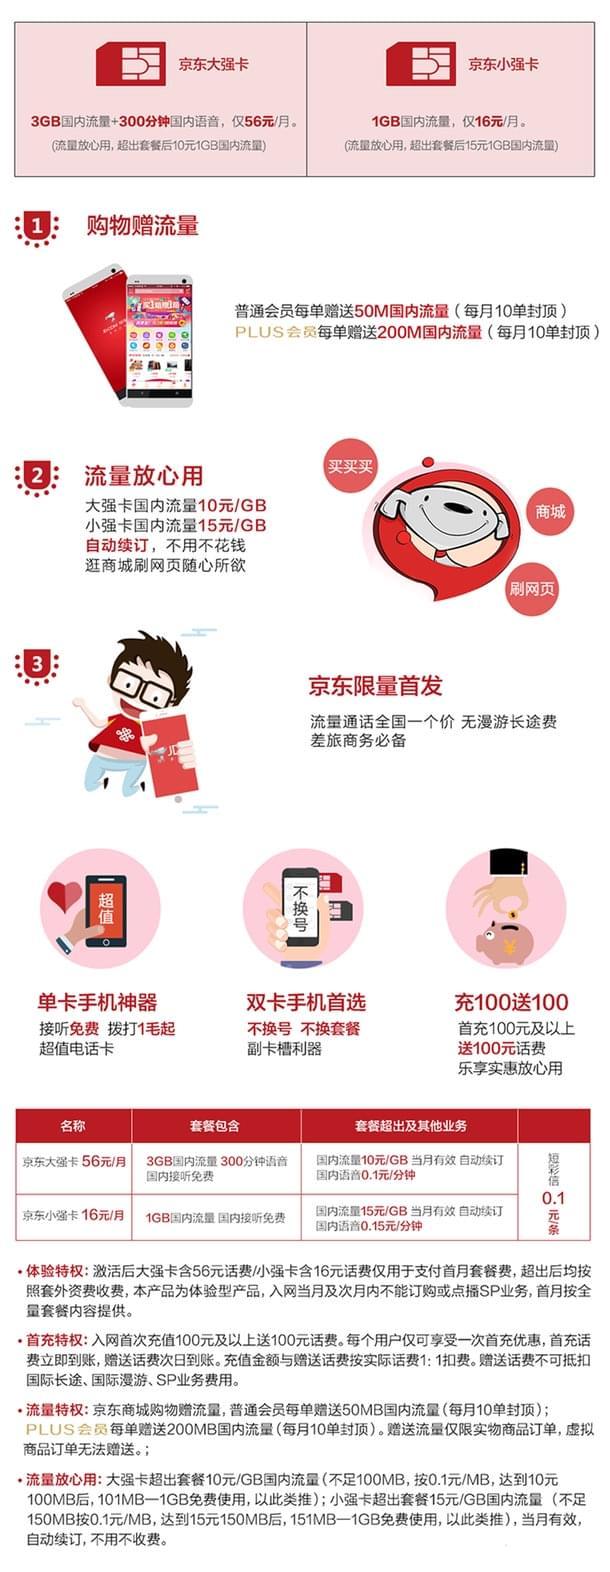 刘强东也来砸电信市场 京东强卡正式发布 仅16元起的照片 - 4